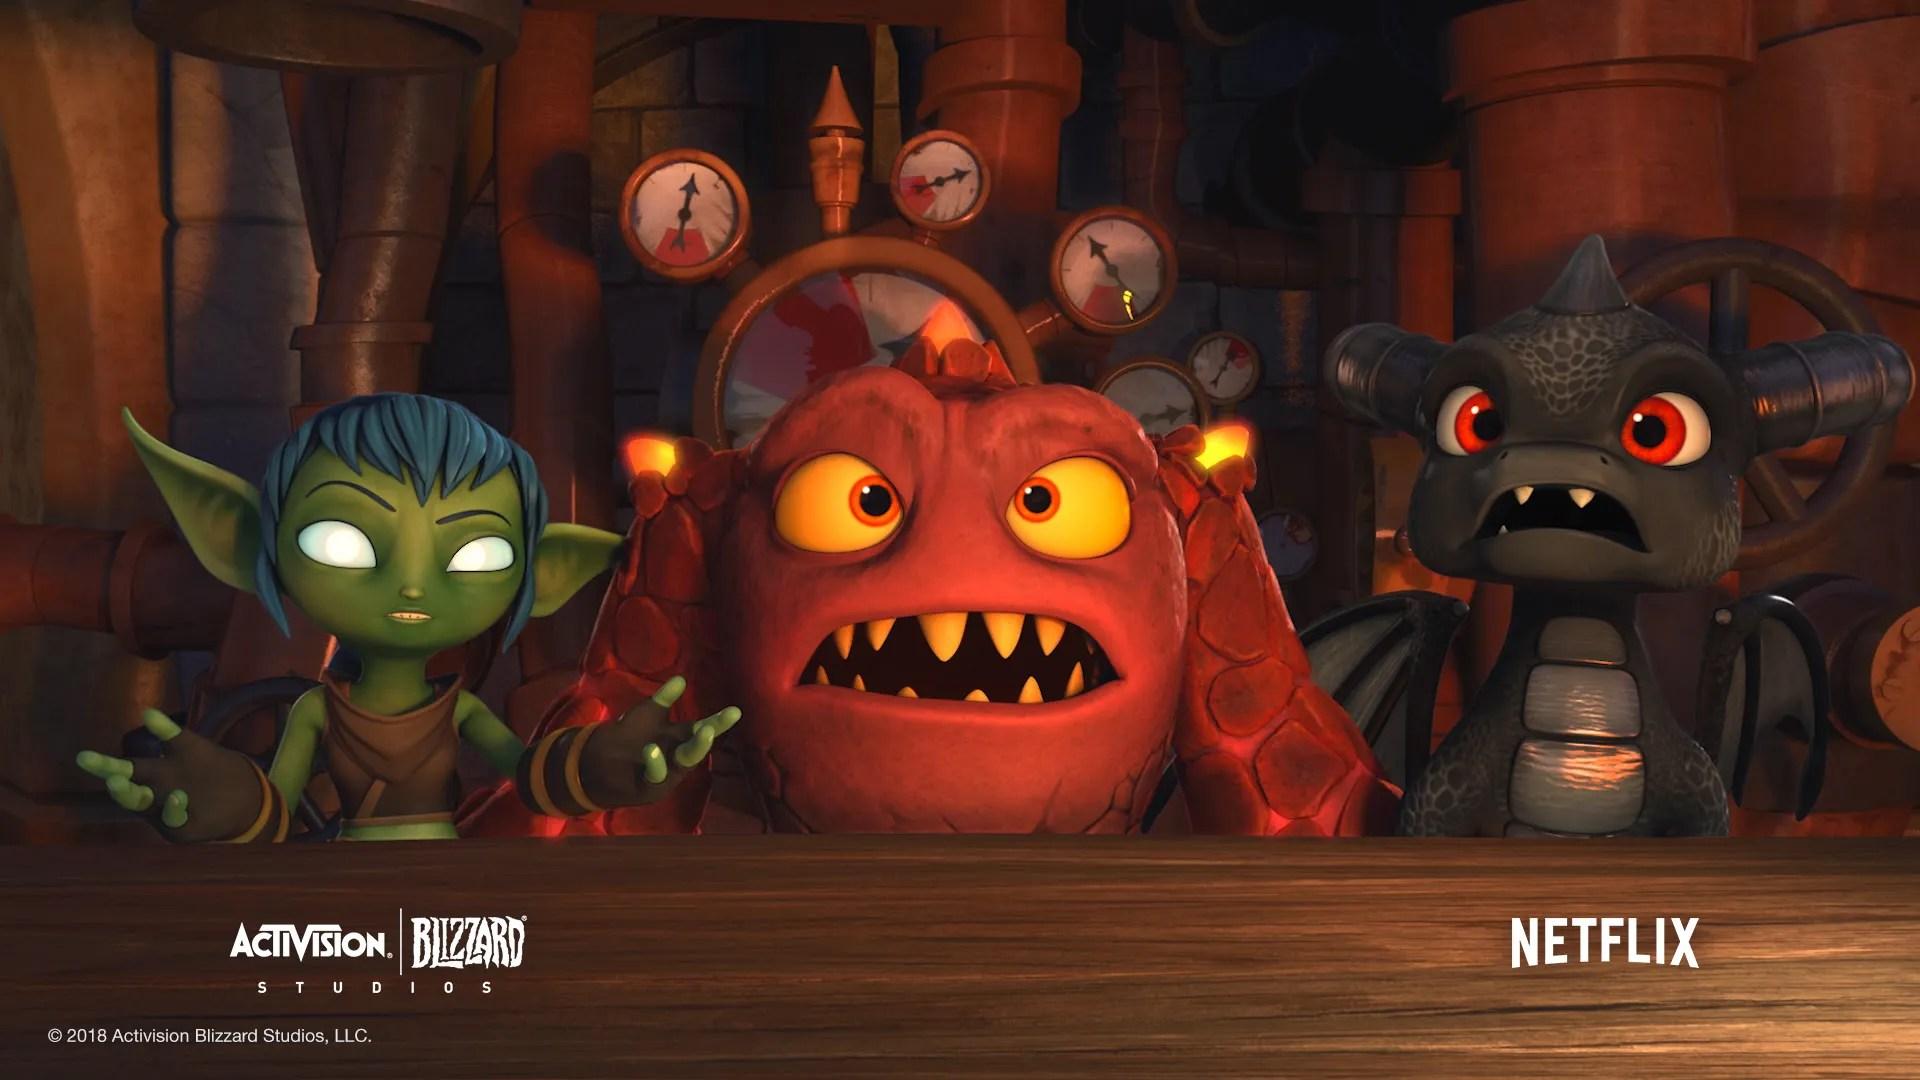 Zombies Animated Wallpaper Hd Skylanders Academy Season 3 Trailer Confirms Dark Spyro